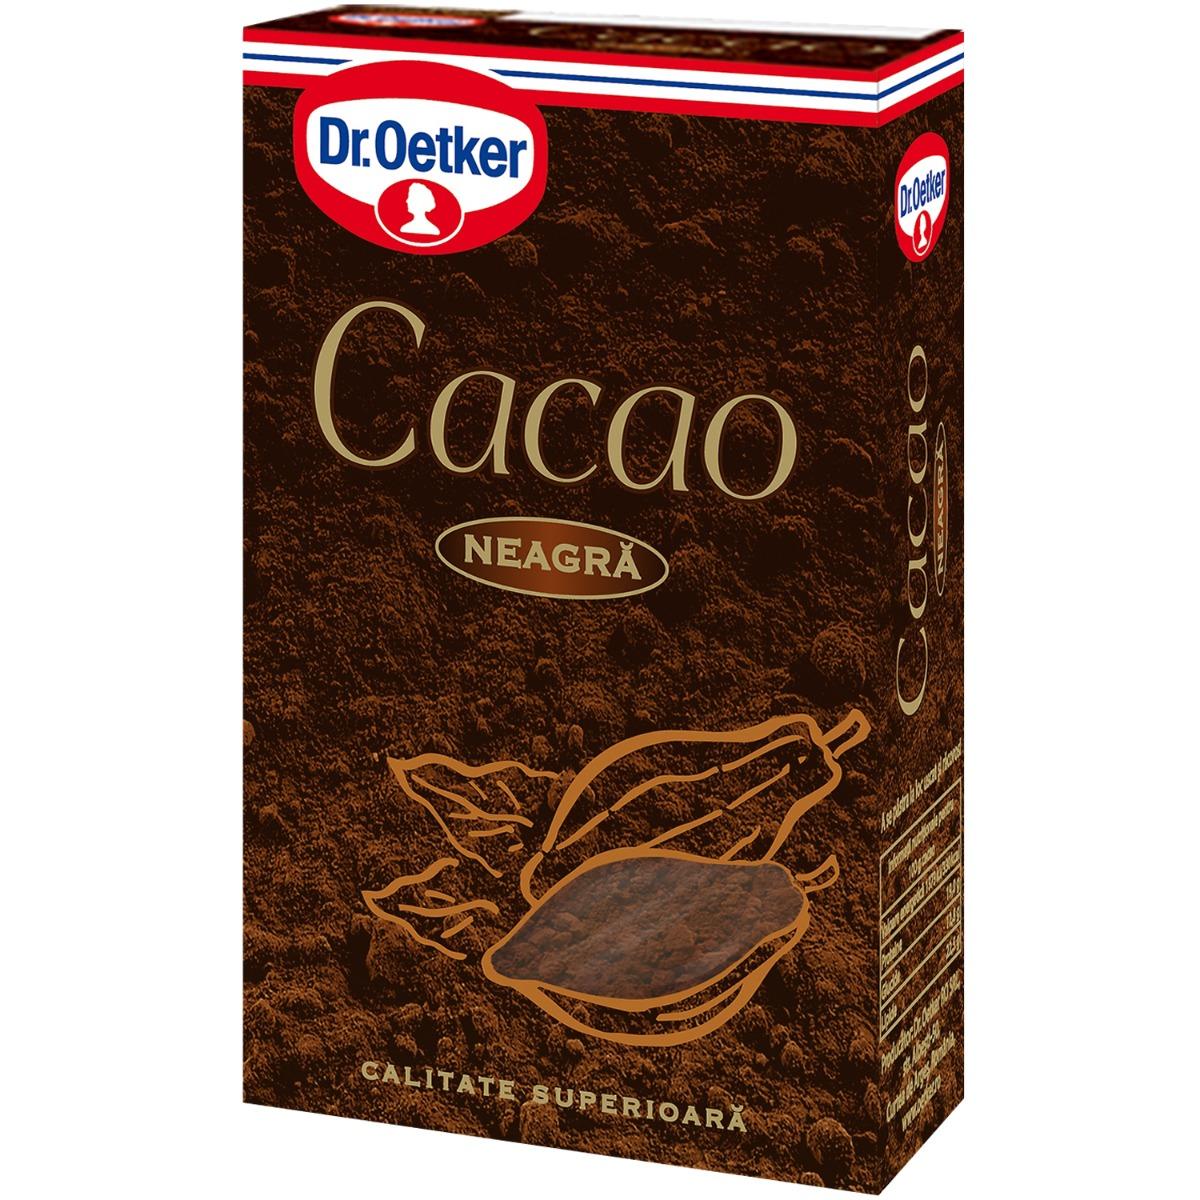 Cacao neagra Dr Oetker, 100 g imagine